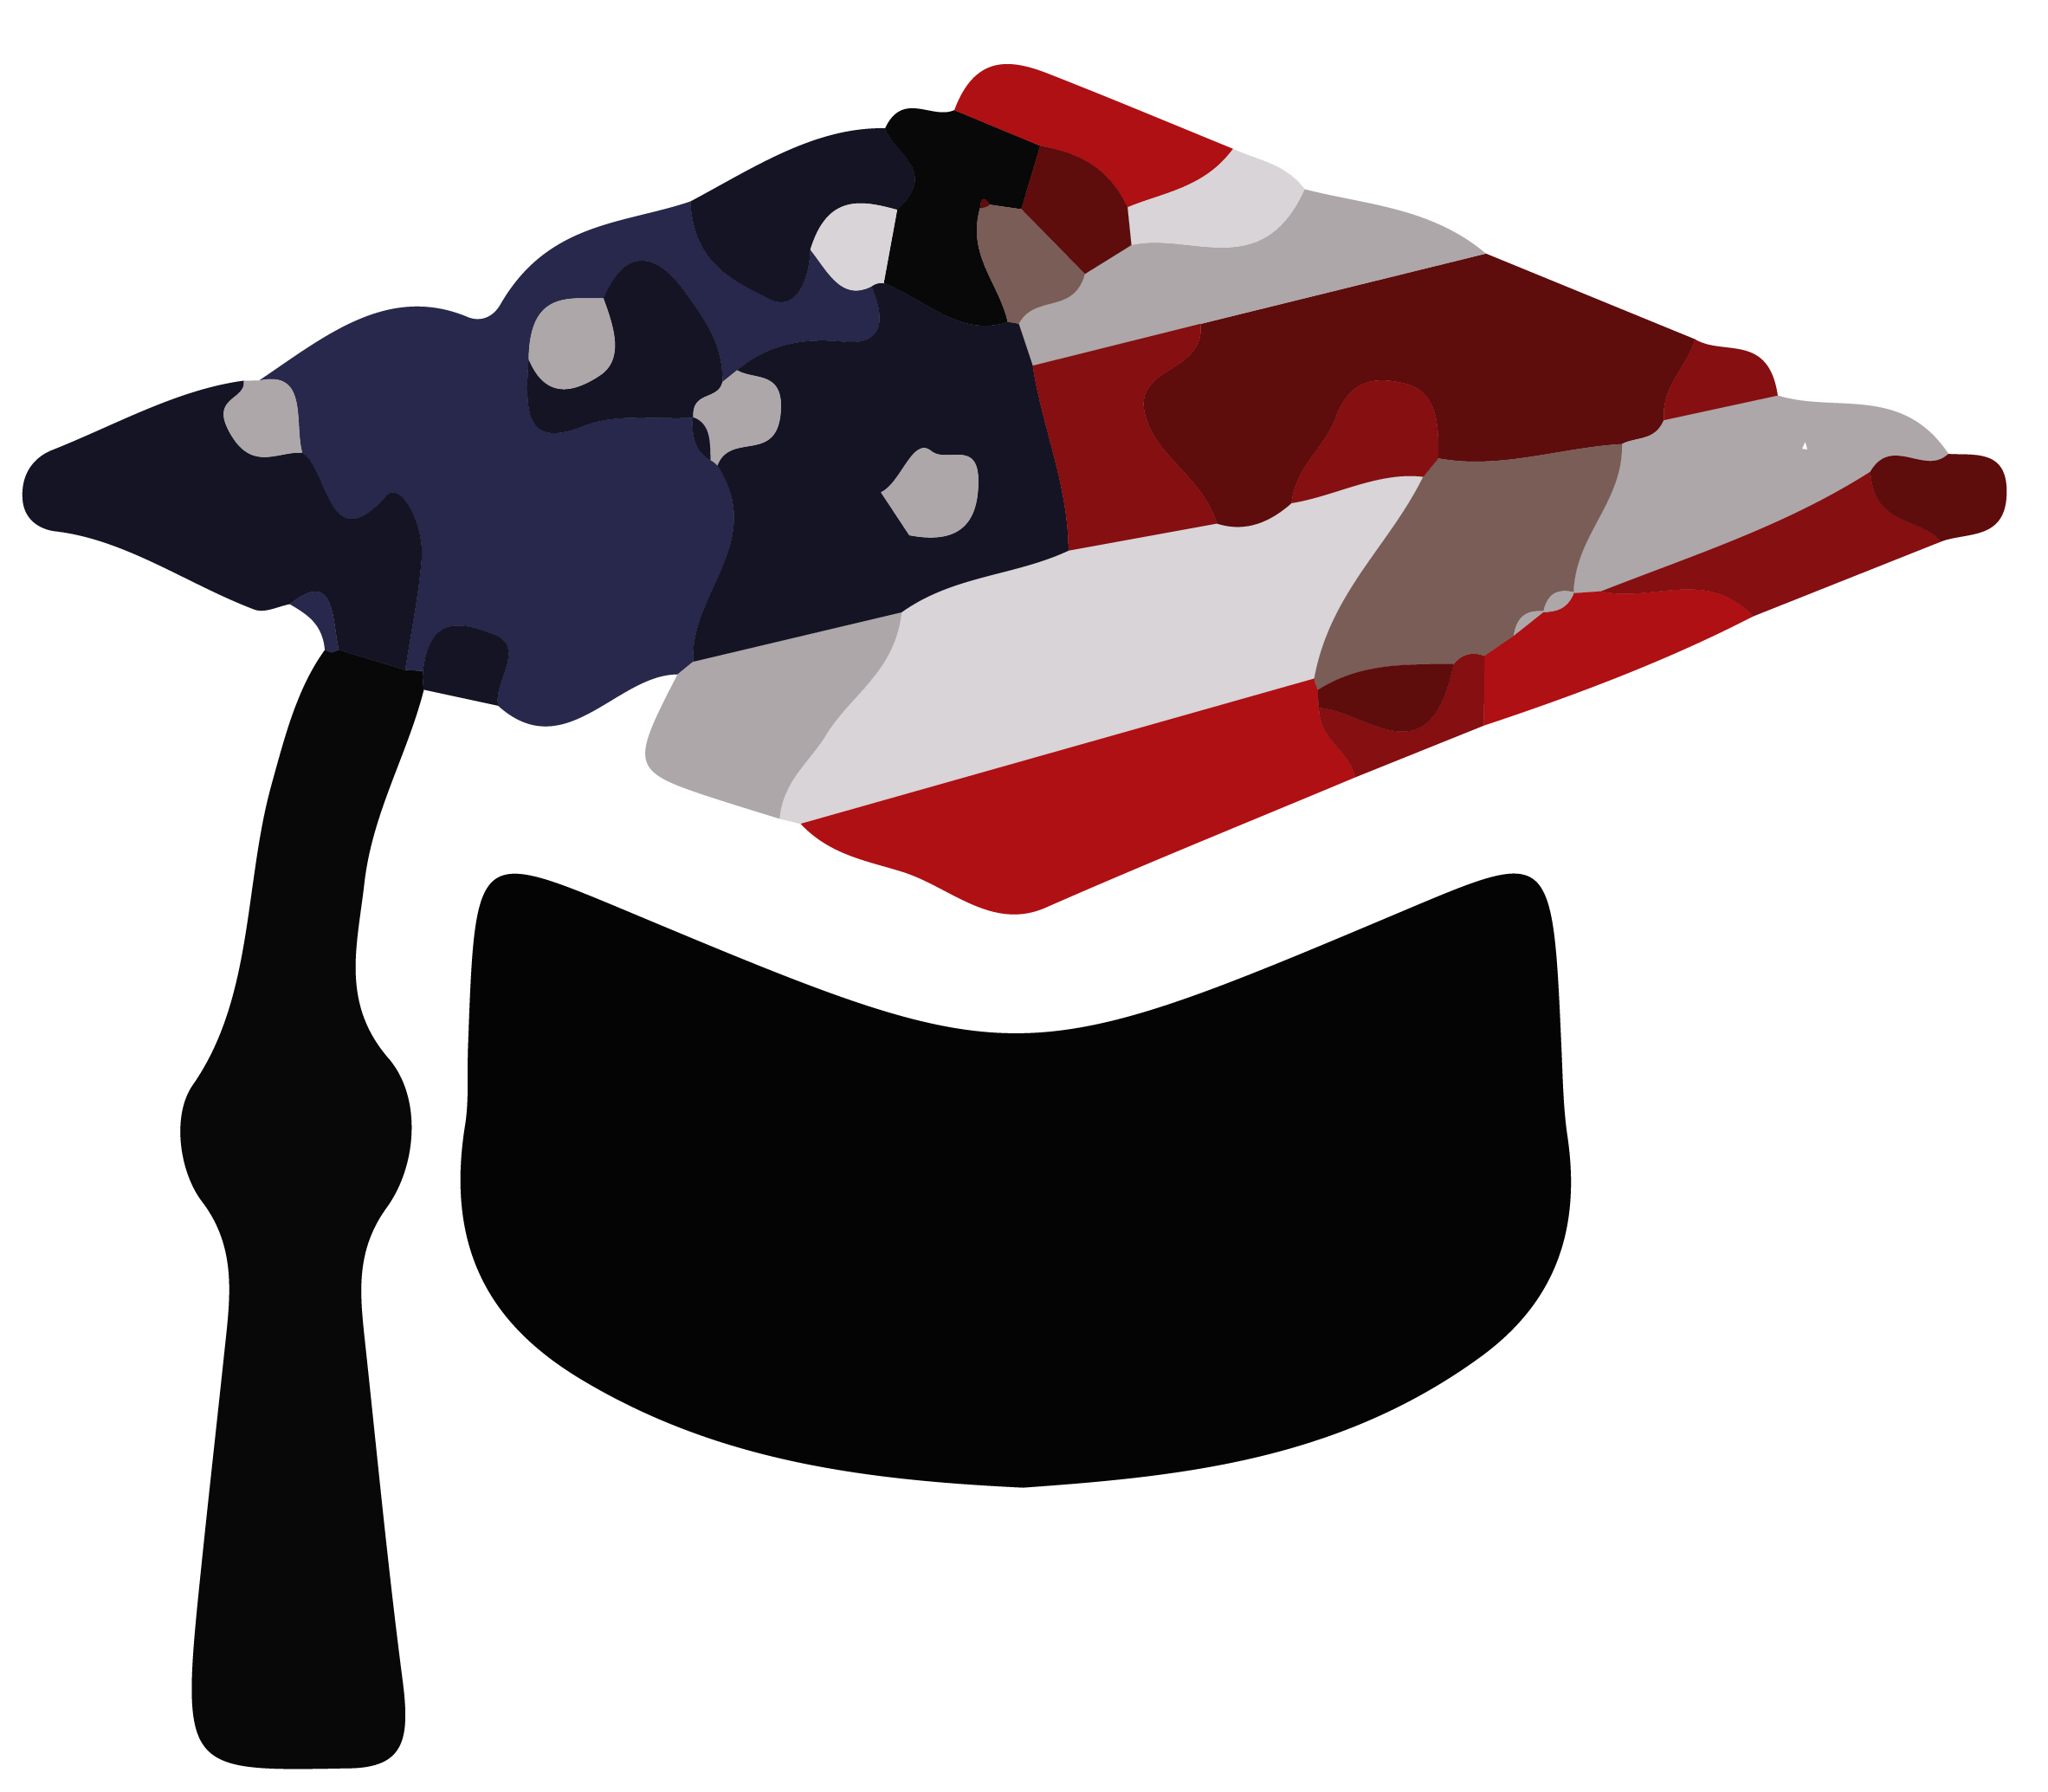 Hawaiian clipart limbo. Three reasons why students